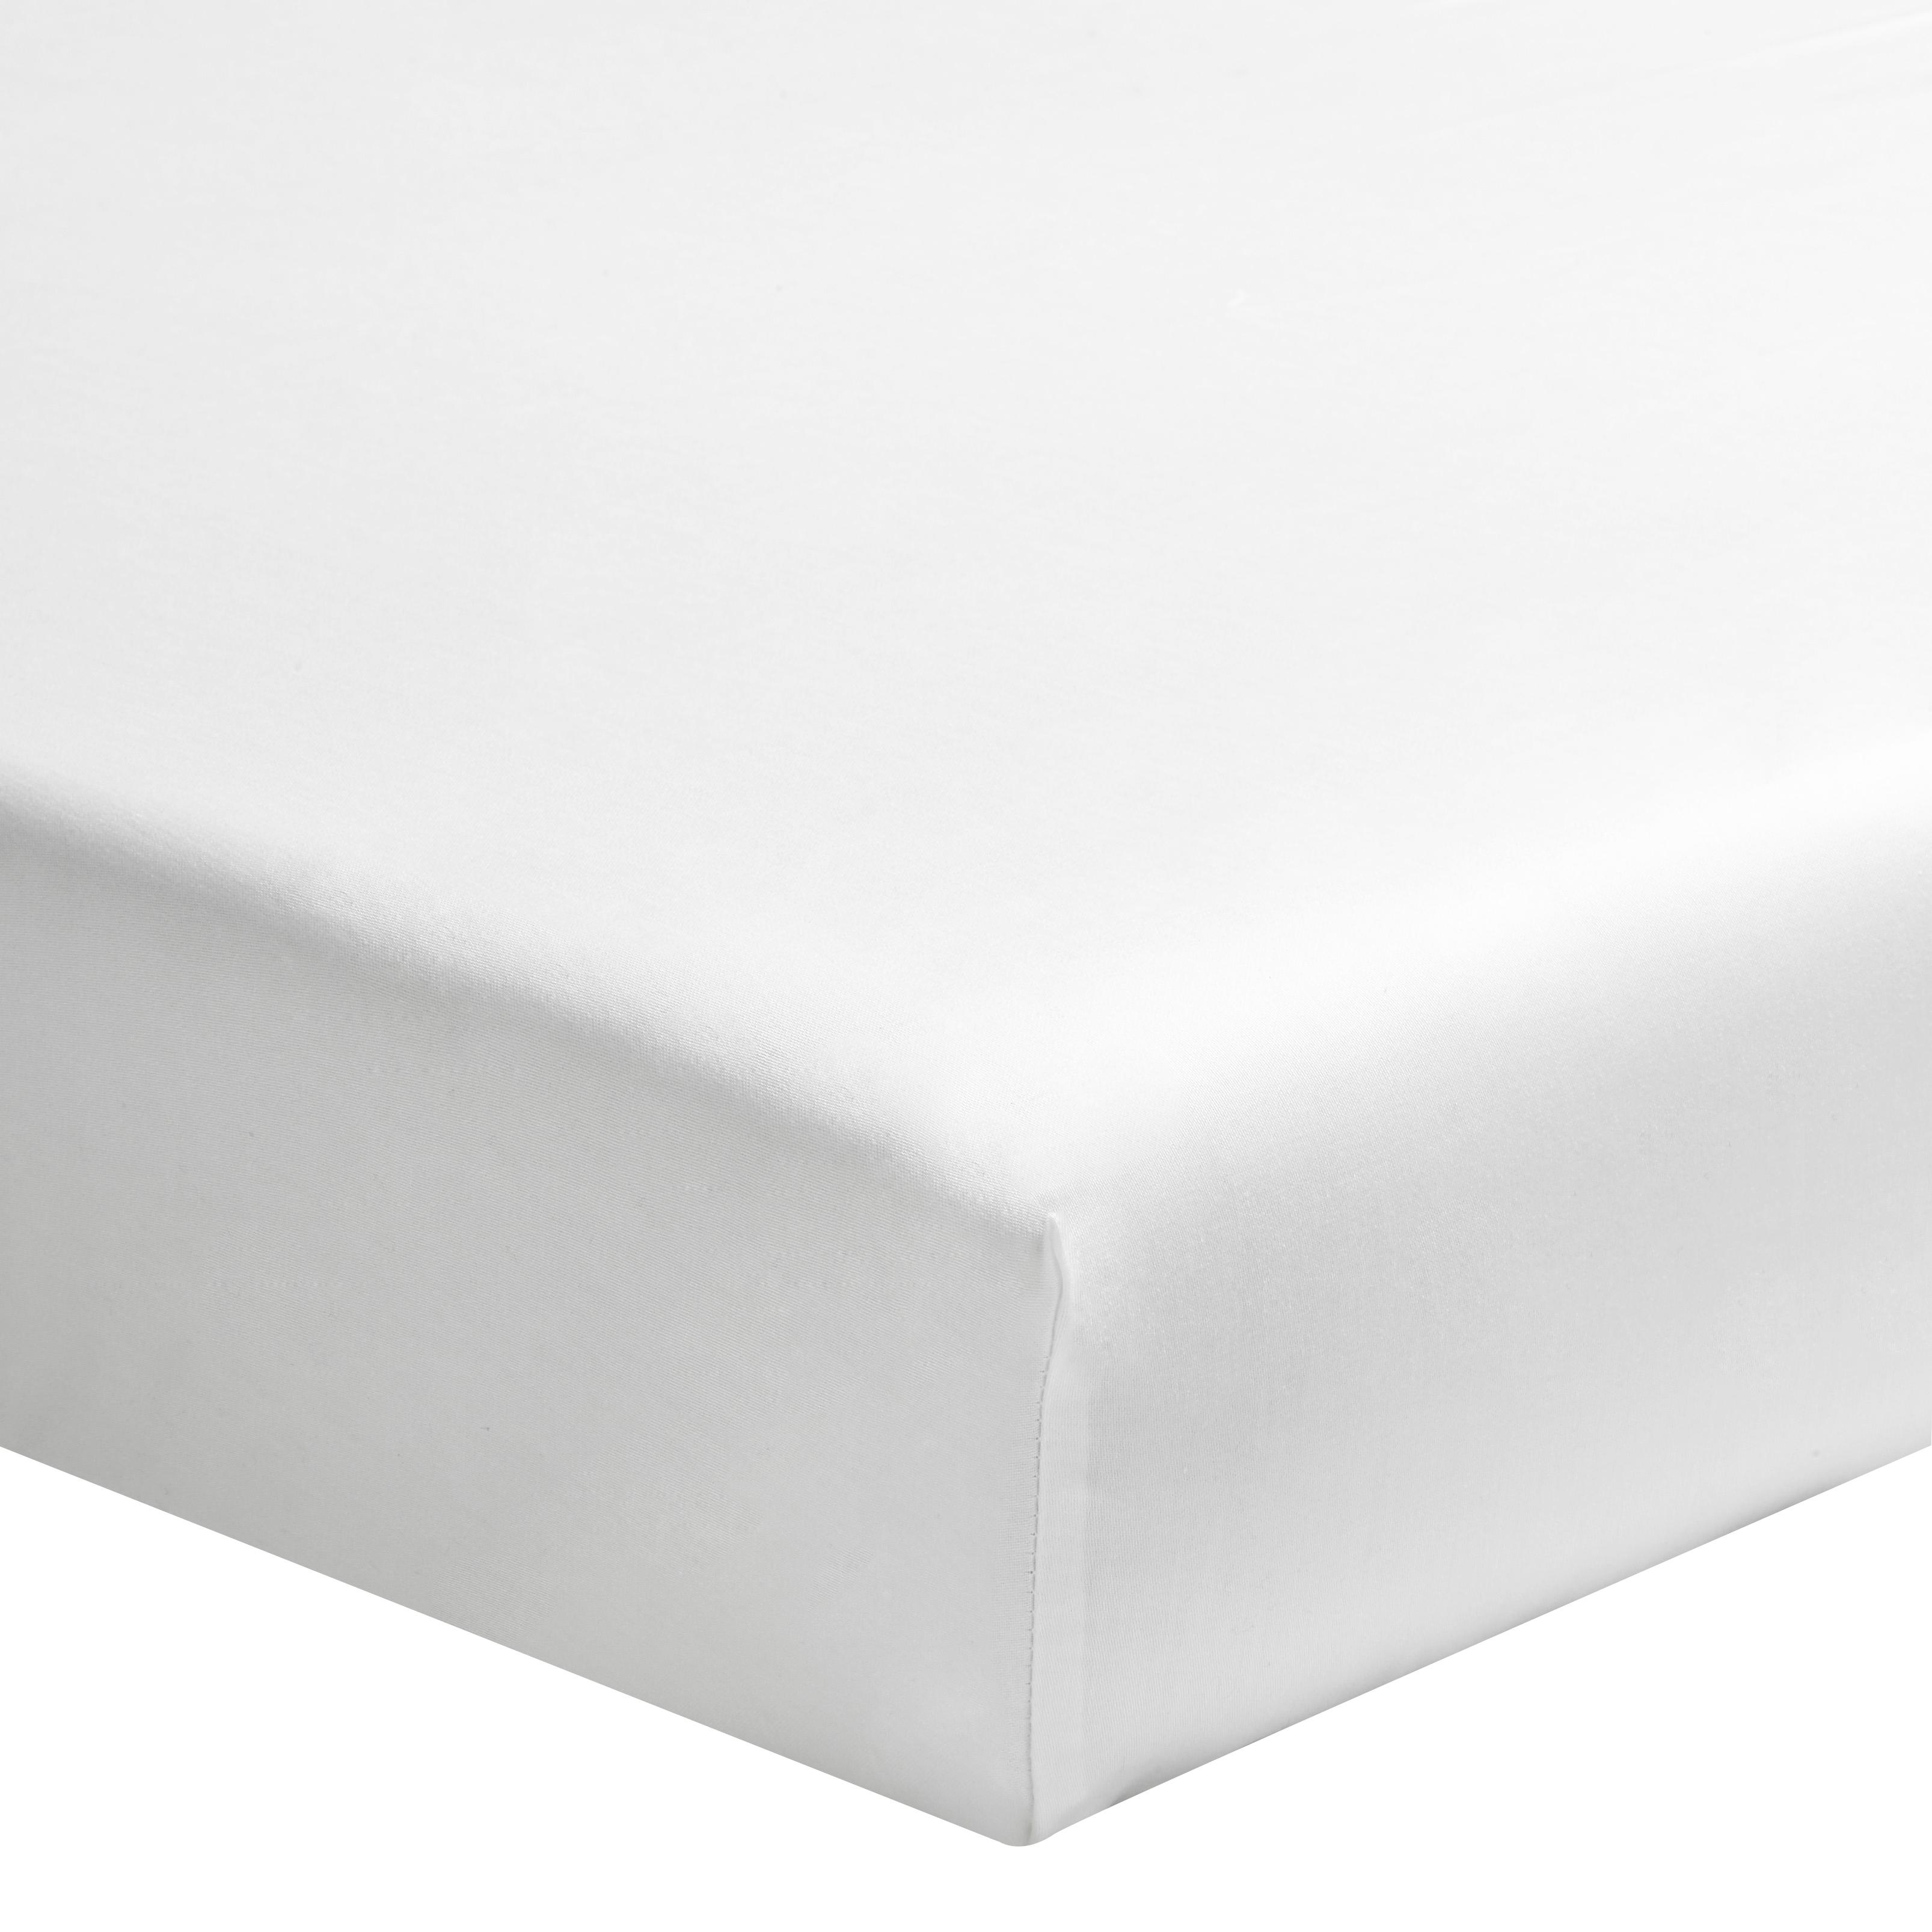 Drap housse uni en percale de coton blanc 160x200